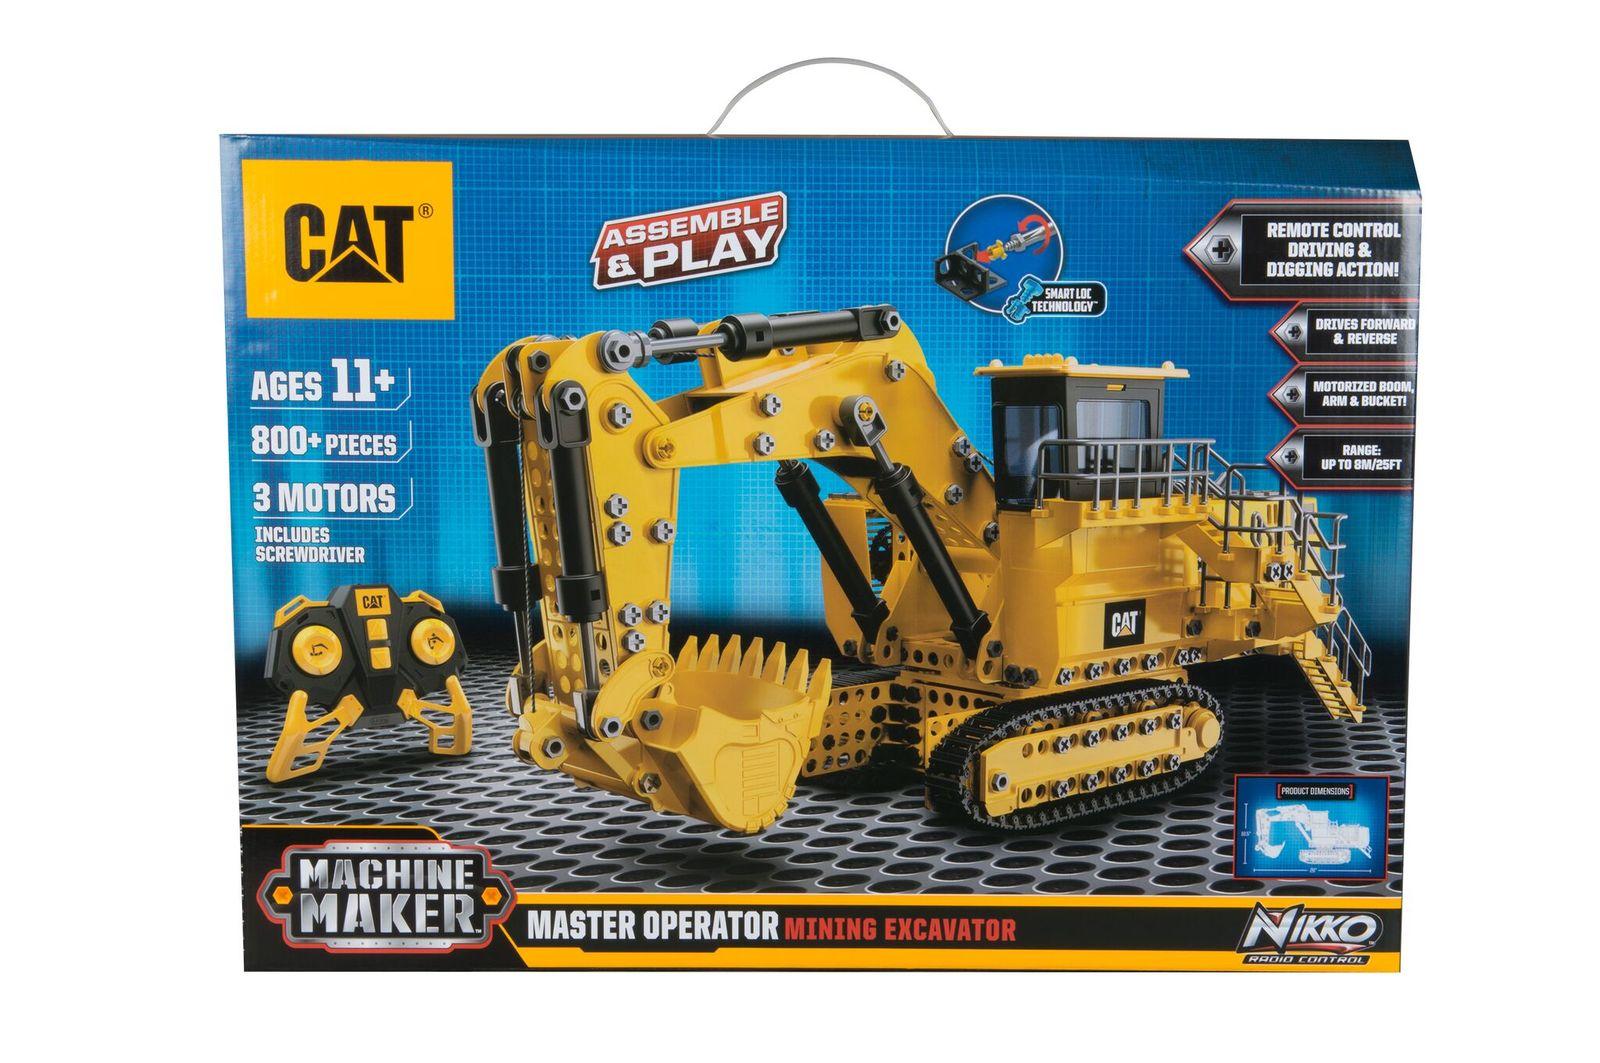 CAT: Master Operator Mining Excavator R/C image